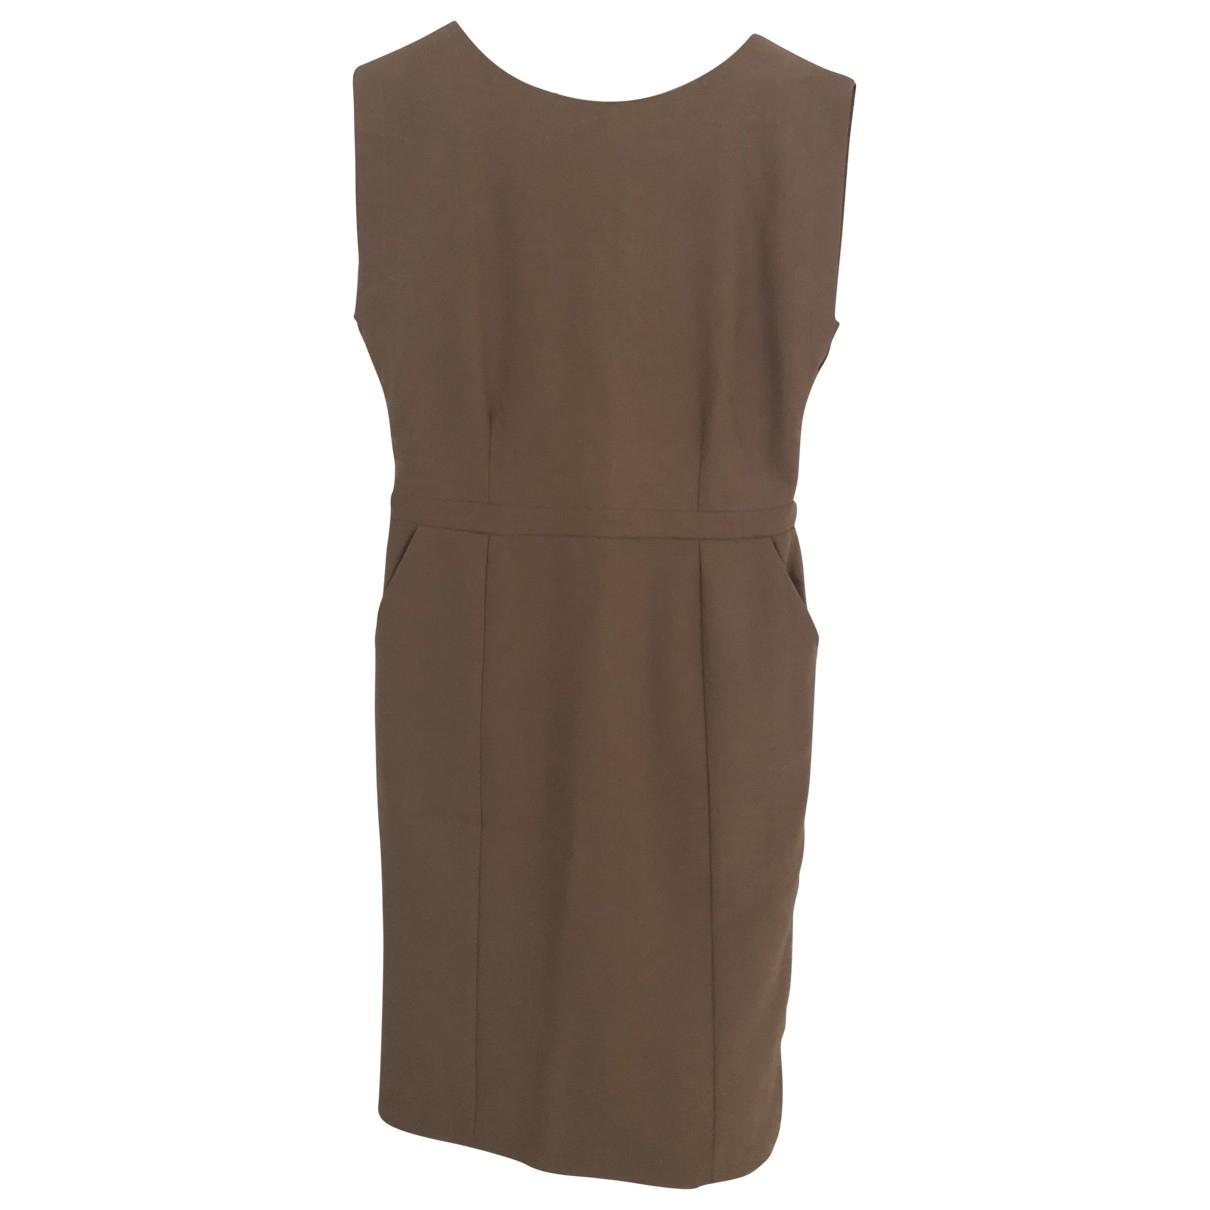 Hotel Particulier \N Kleid in  Beige Polyester